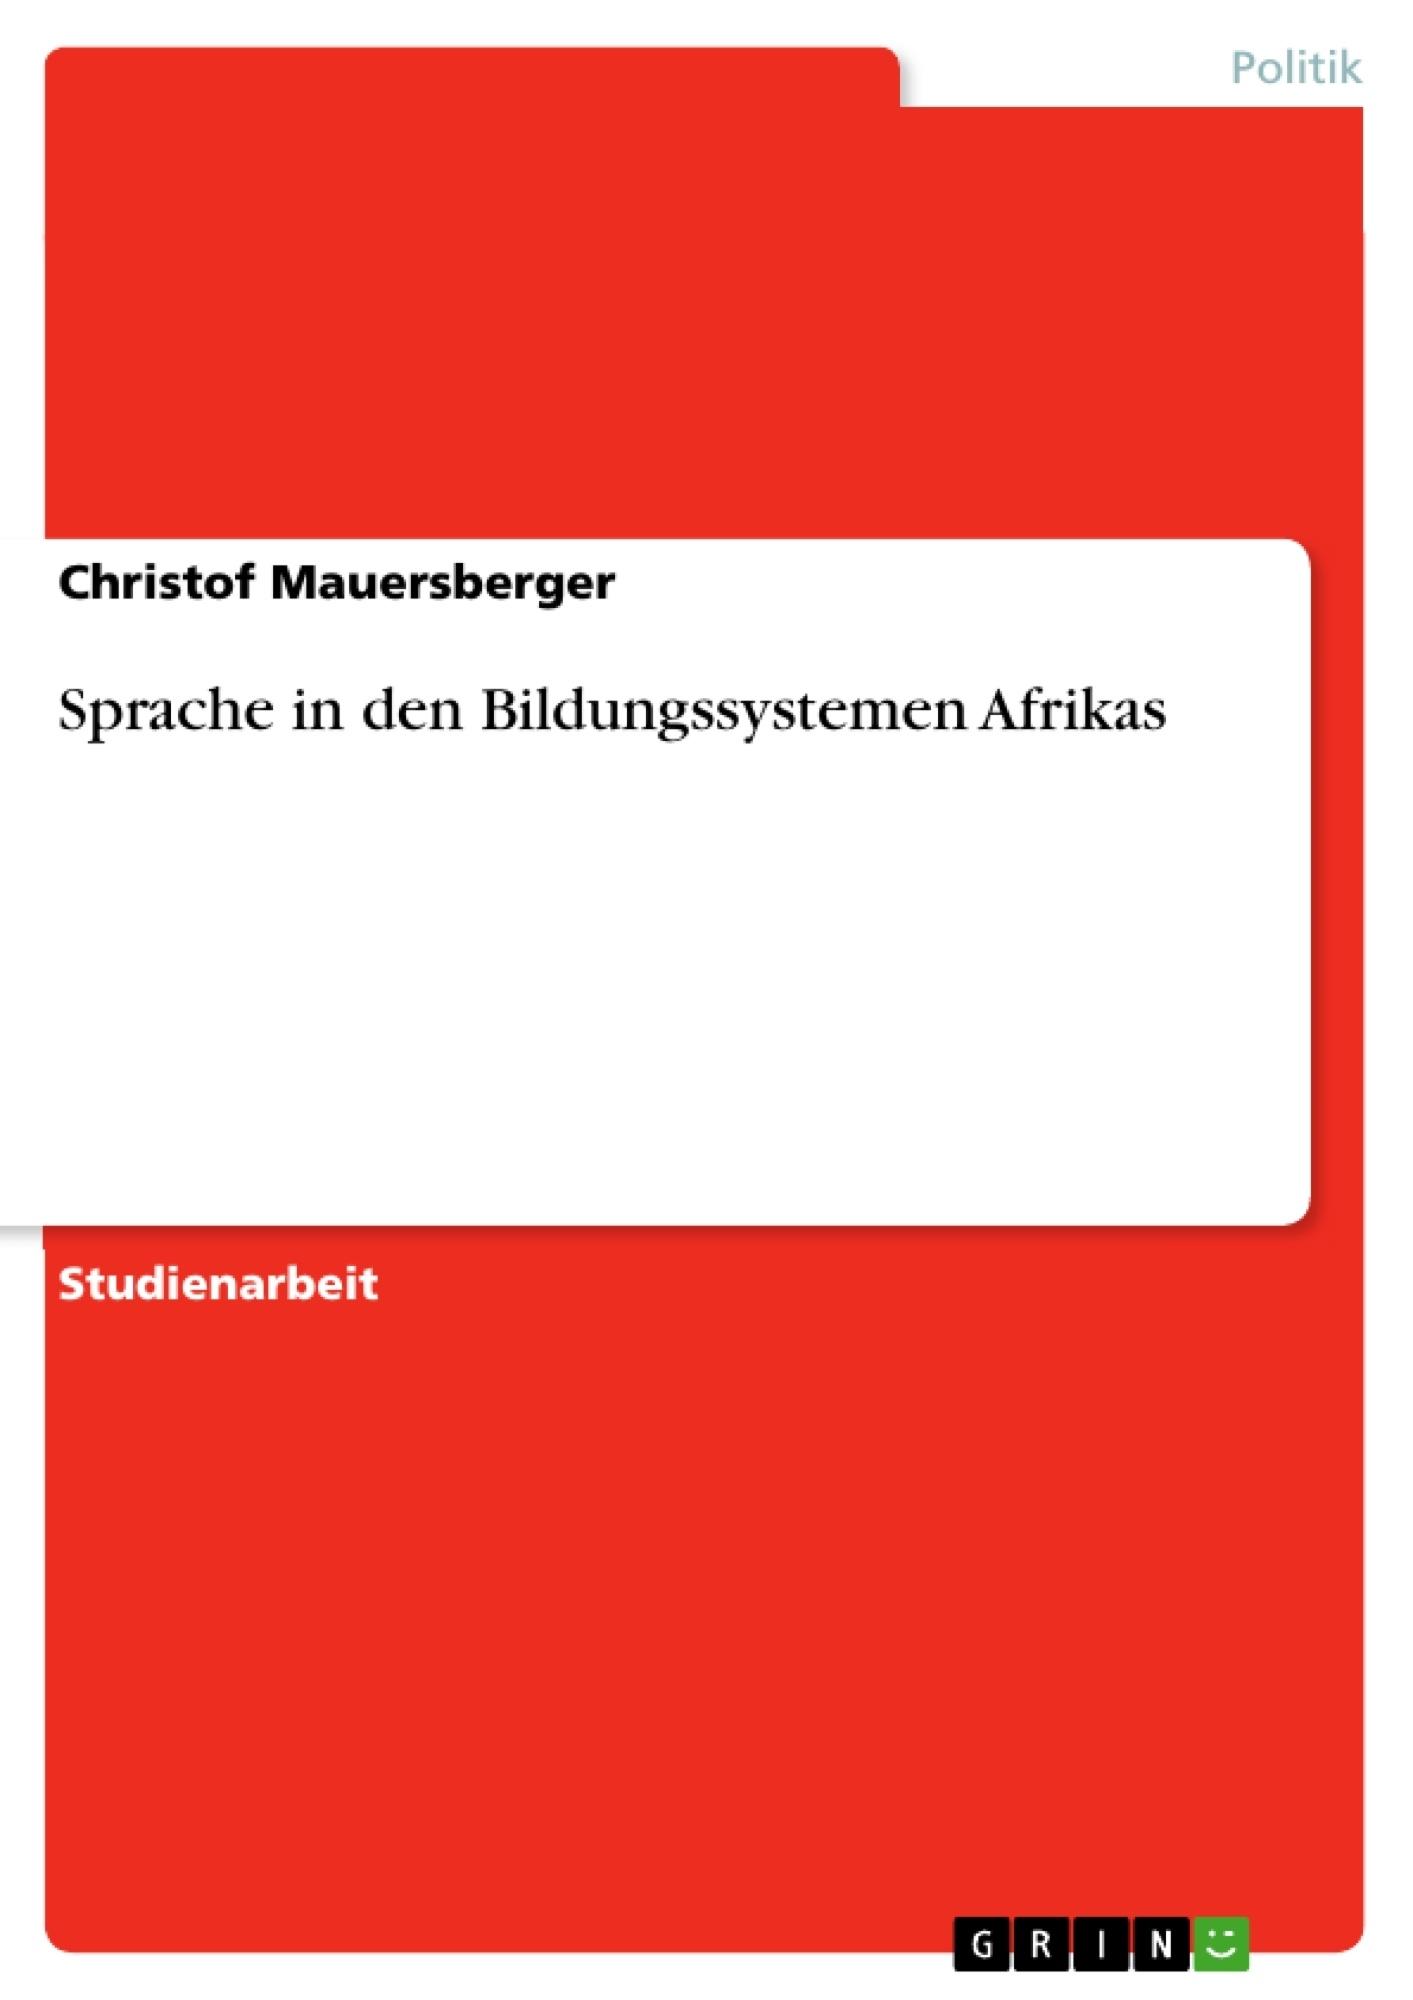 Titel: Sprache in den Bildungssystemen Afrikas